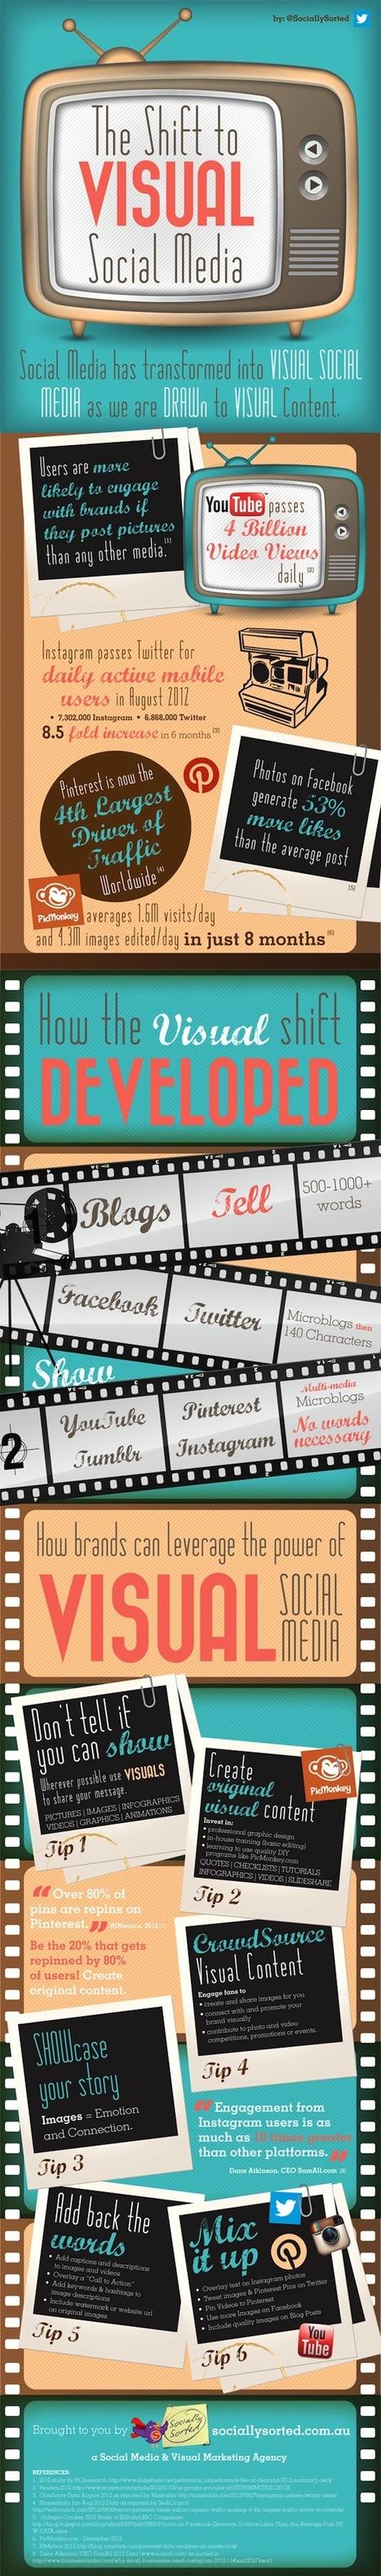 [Infographie] L'importance des médias sociaux «visuels» pour les marques | Wall Of Frames | Scoop.it